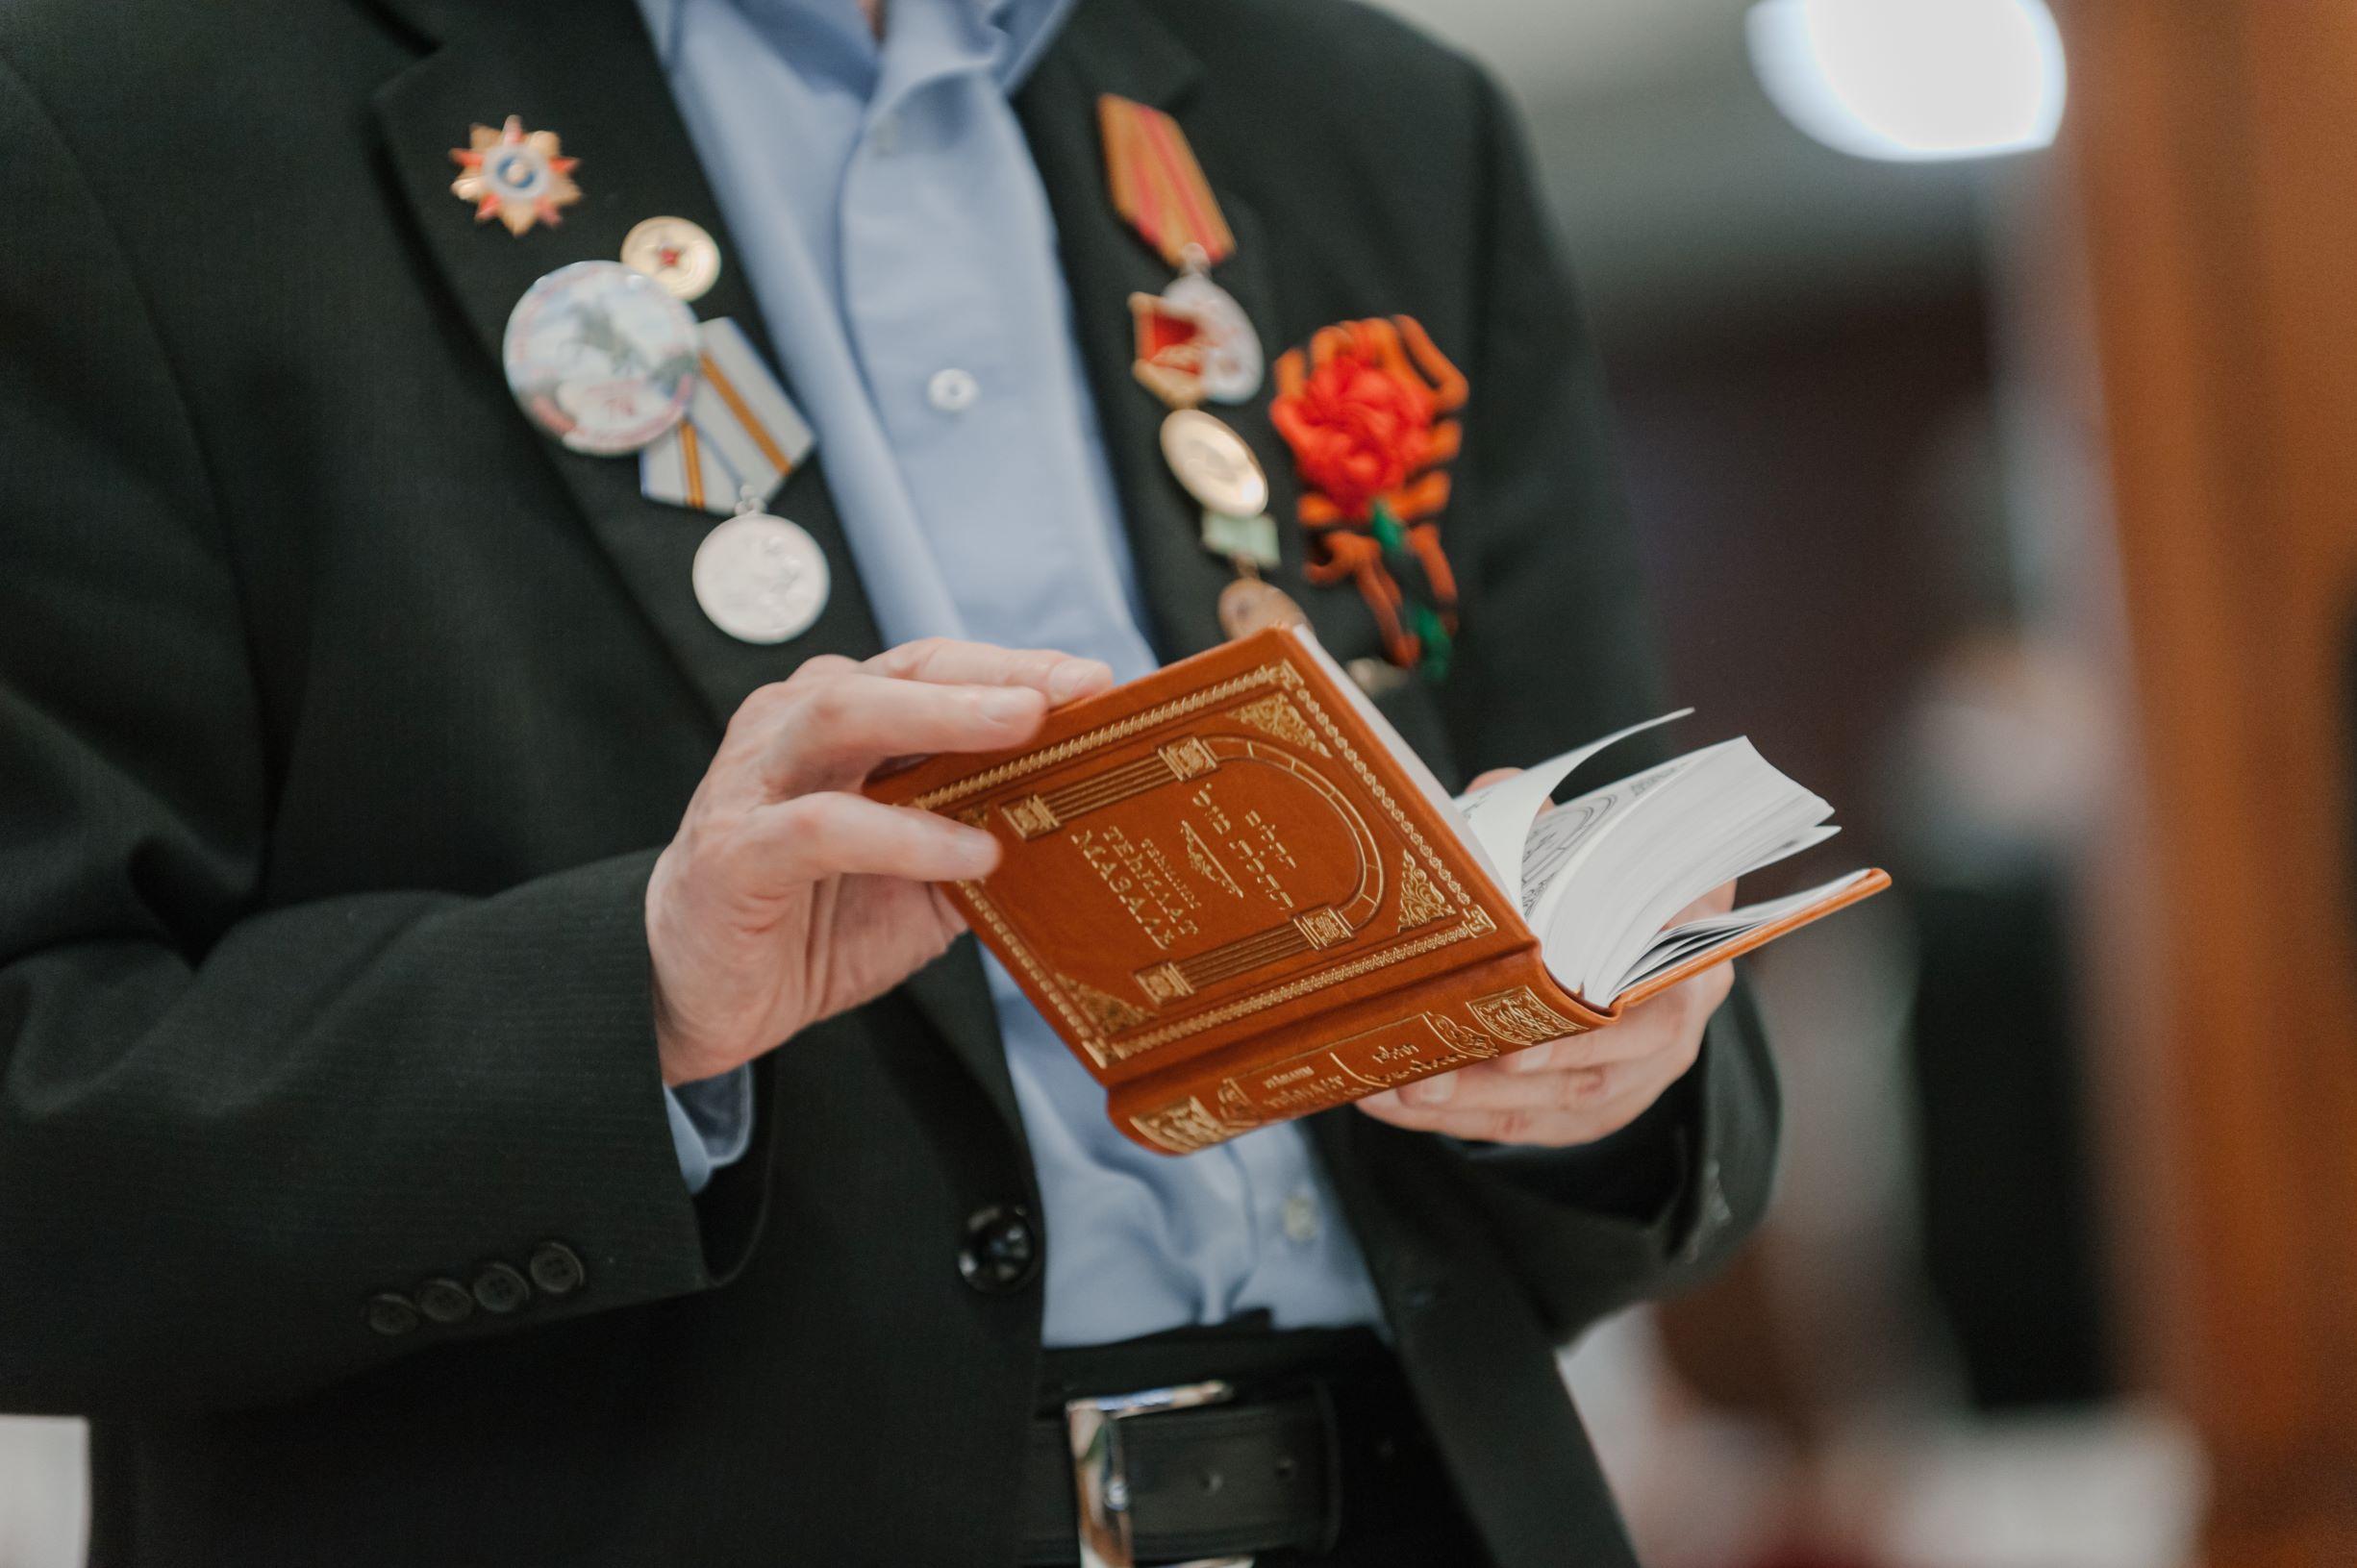 Главный раввин России Лазар поздравил ветеранов с Днем Победы